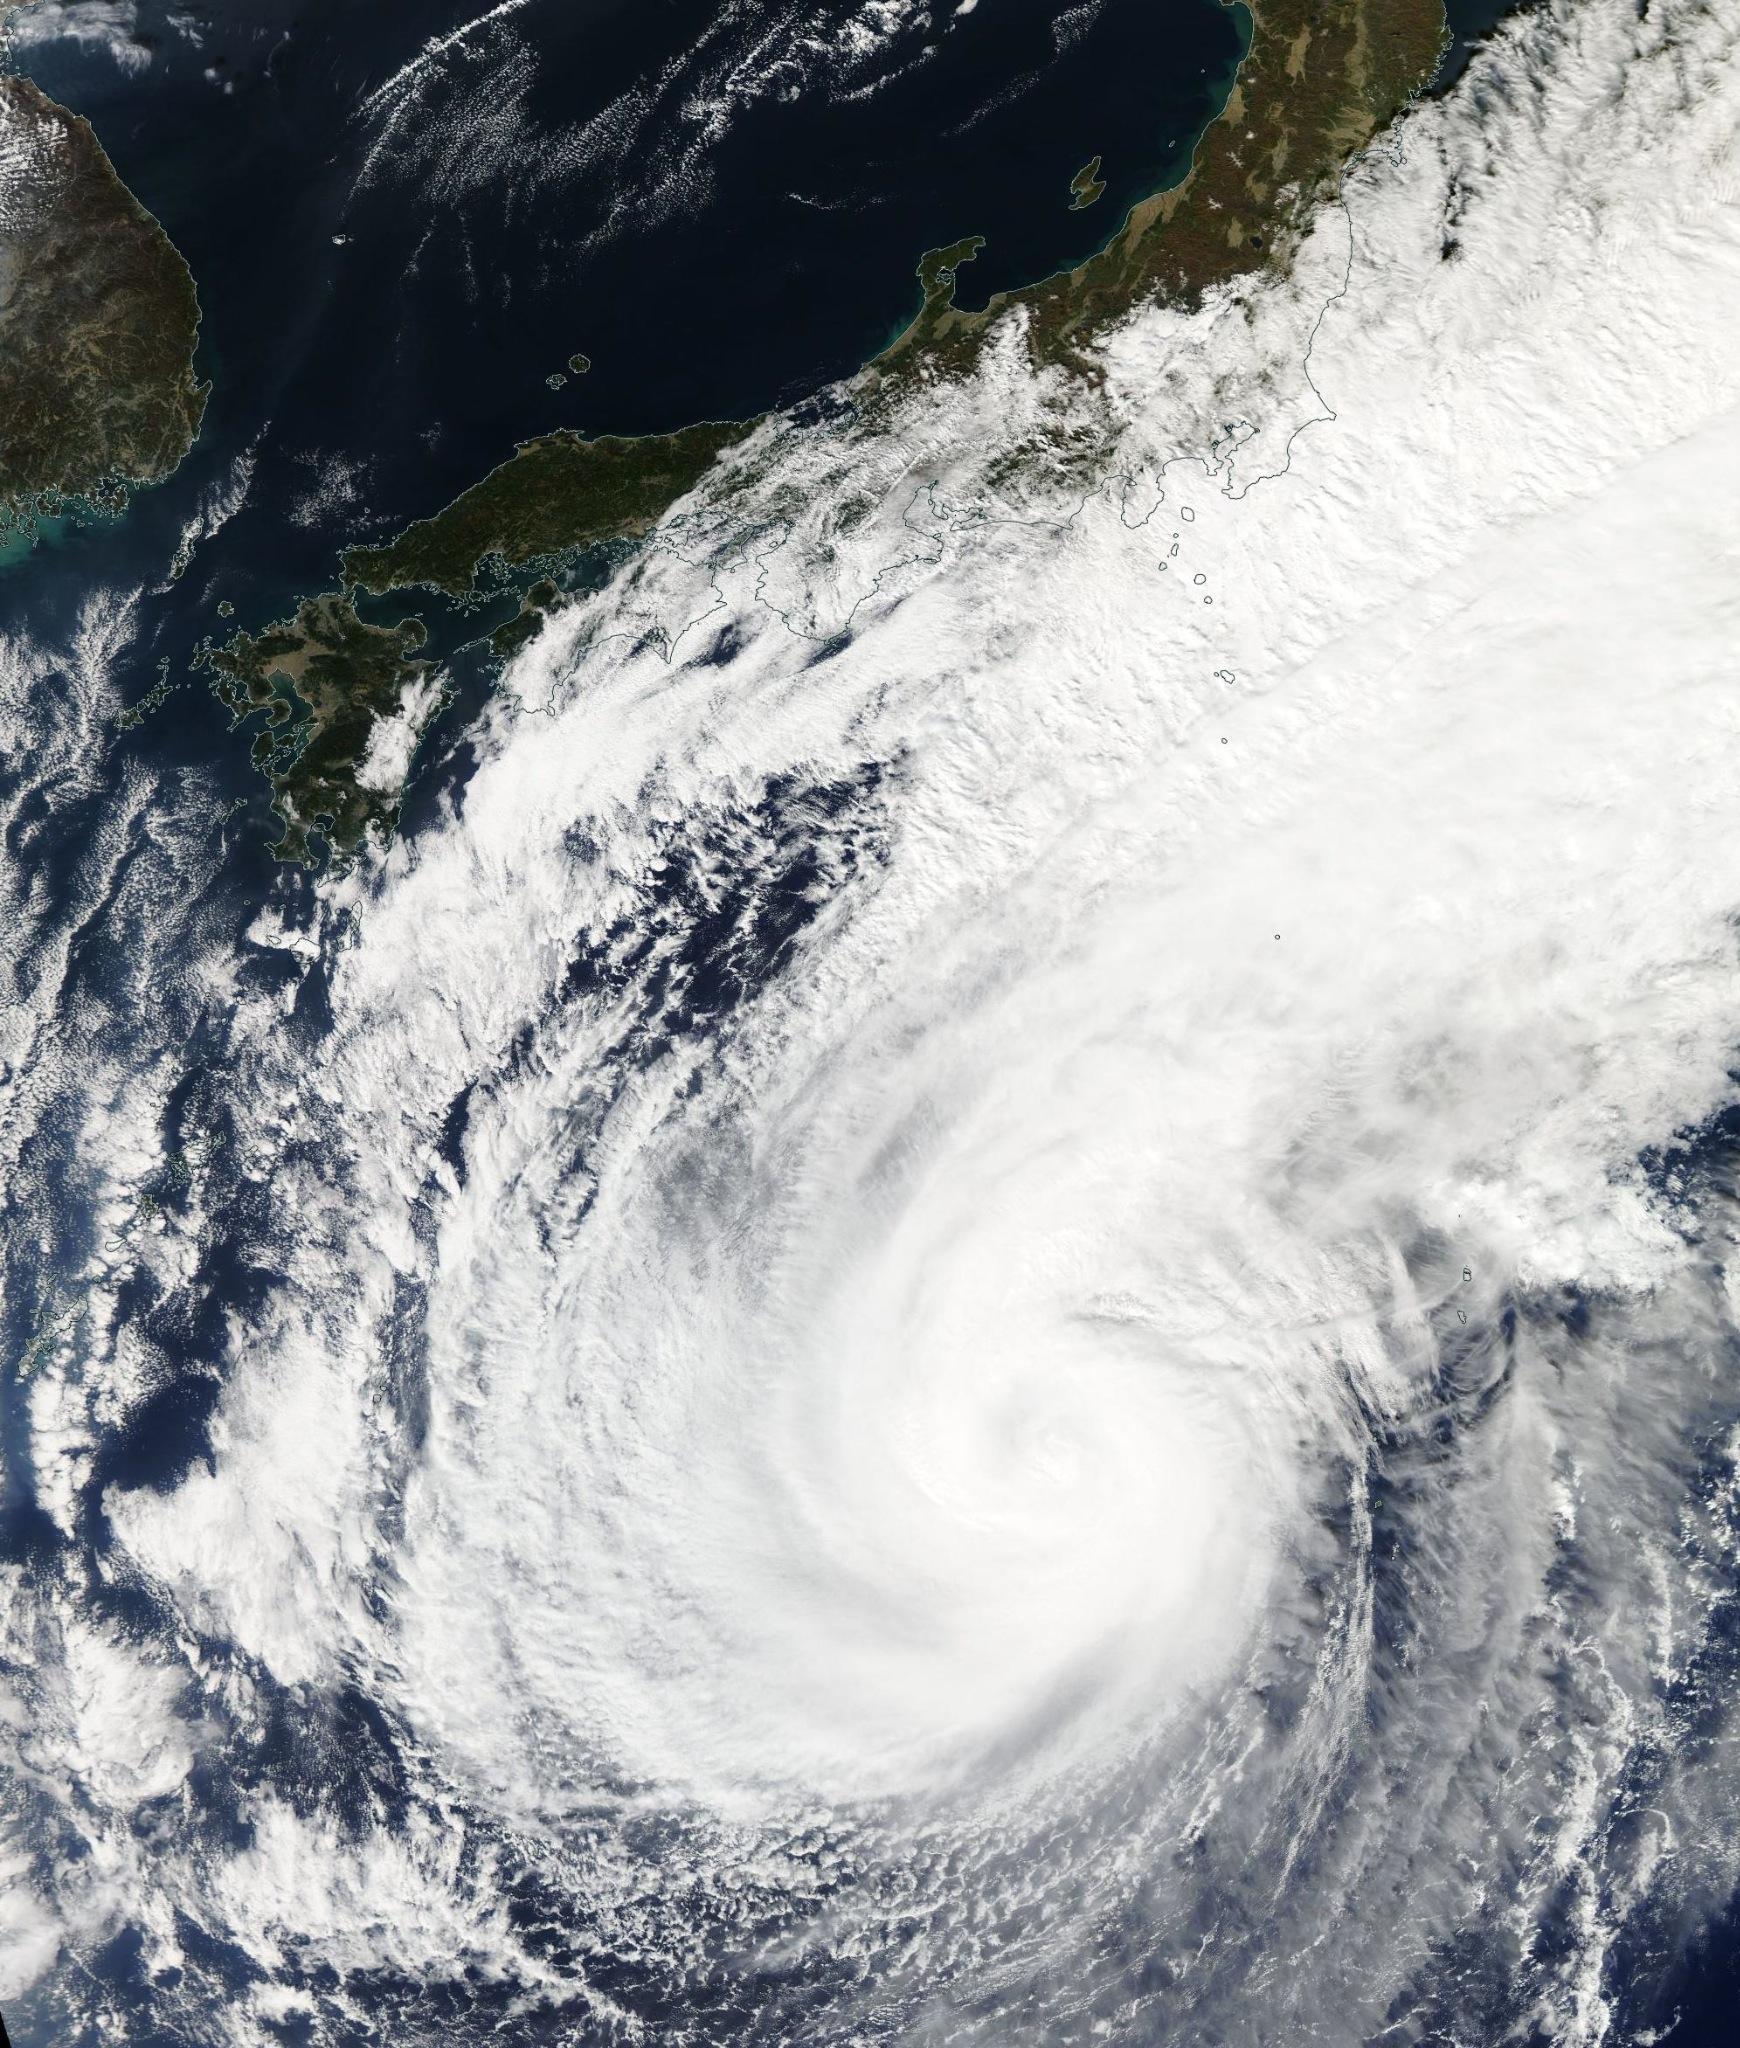 Imágenes del tifón Nuri (categoría 1) este miércoles, 5 de noviembre, al sur de Japón http://t.co/Yt6PPITNLQ